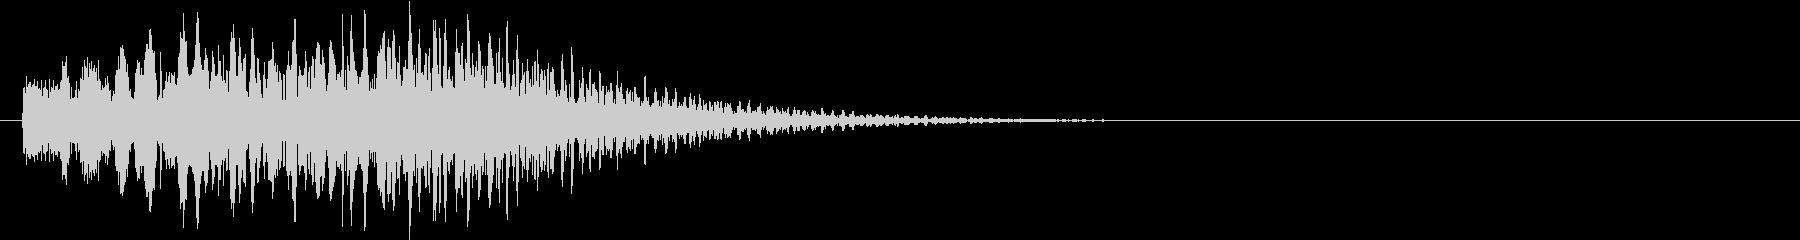 キラララララン(キラキラ系装飾音)の未再生の波形